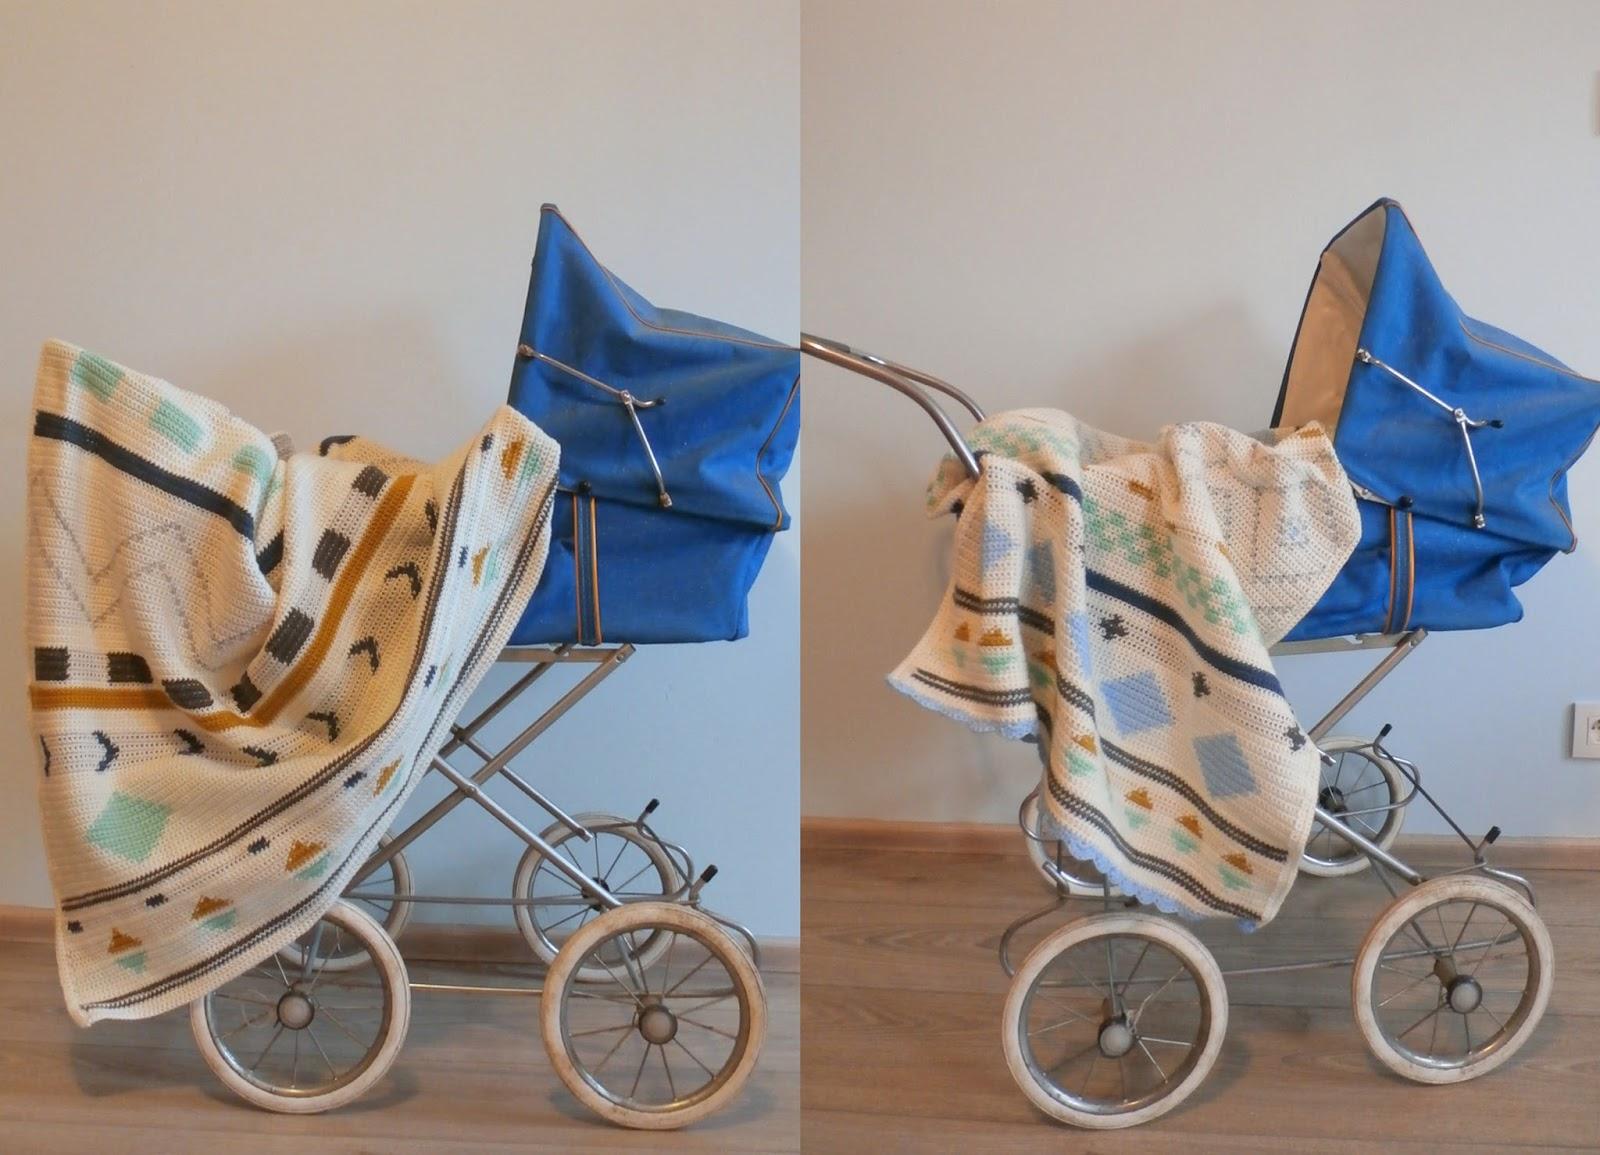 Vlijtig Liesje Knutselt Baby Dolly Plaid Met Gratis Handleiding